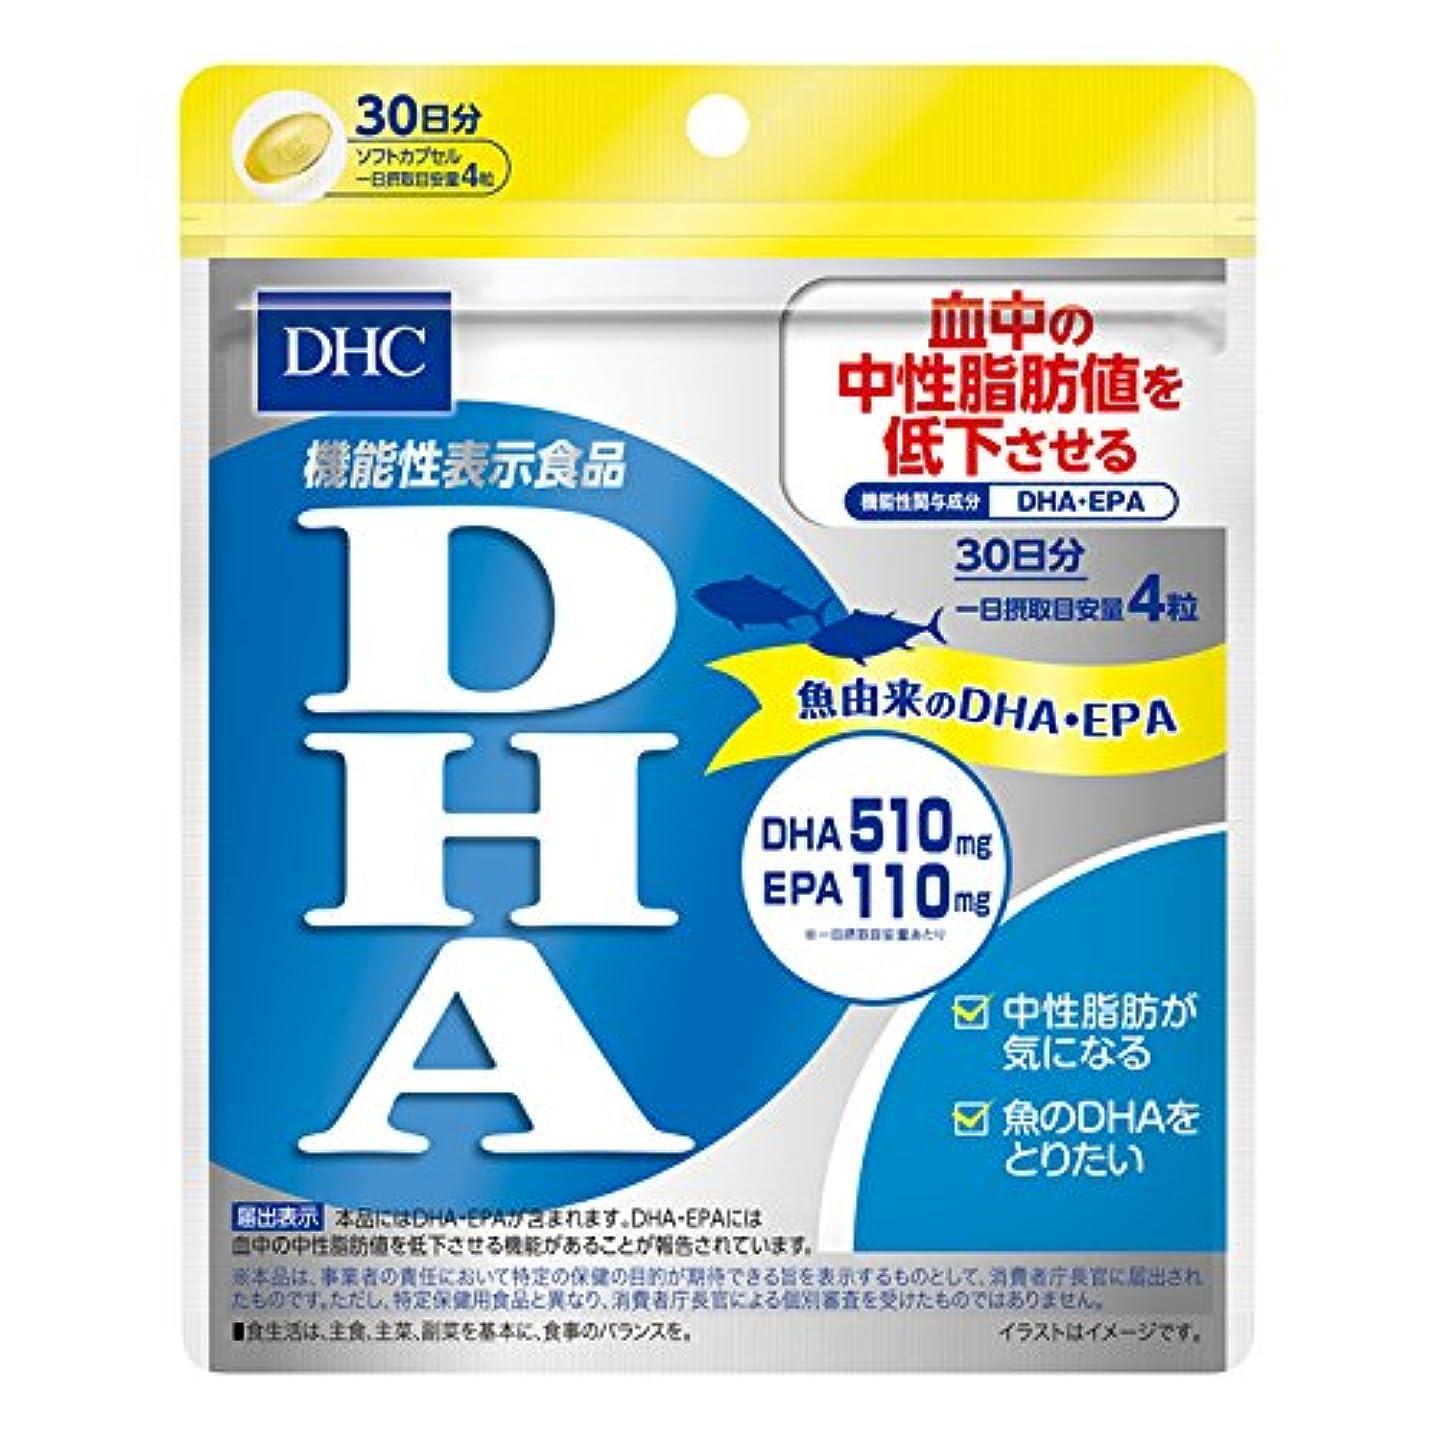 要求する騙す話DHC DHA 30日分 [機能性表示食品]